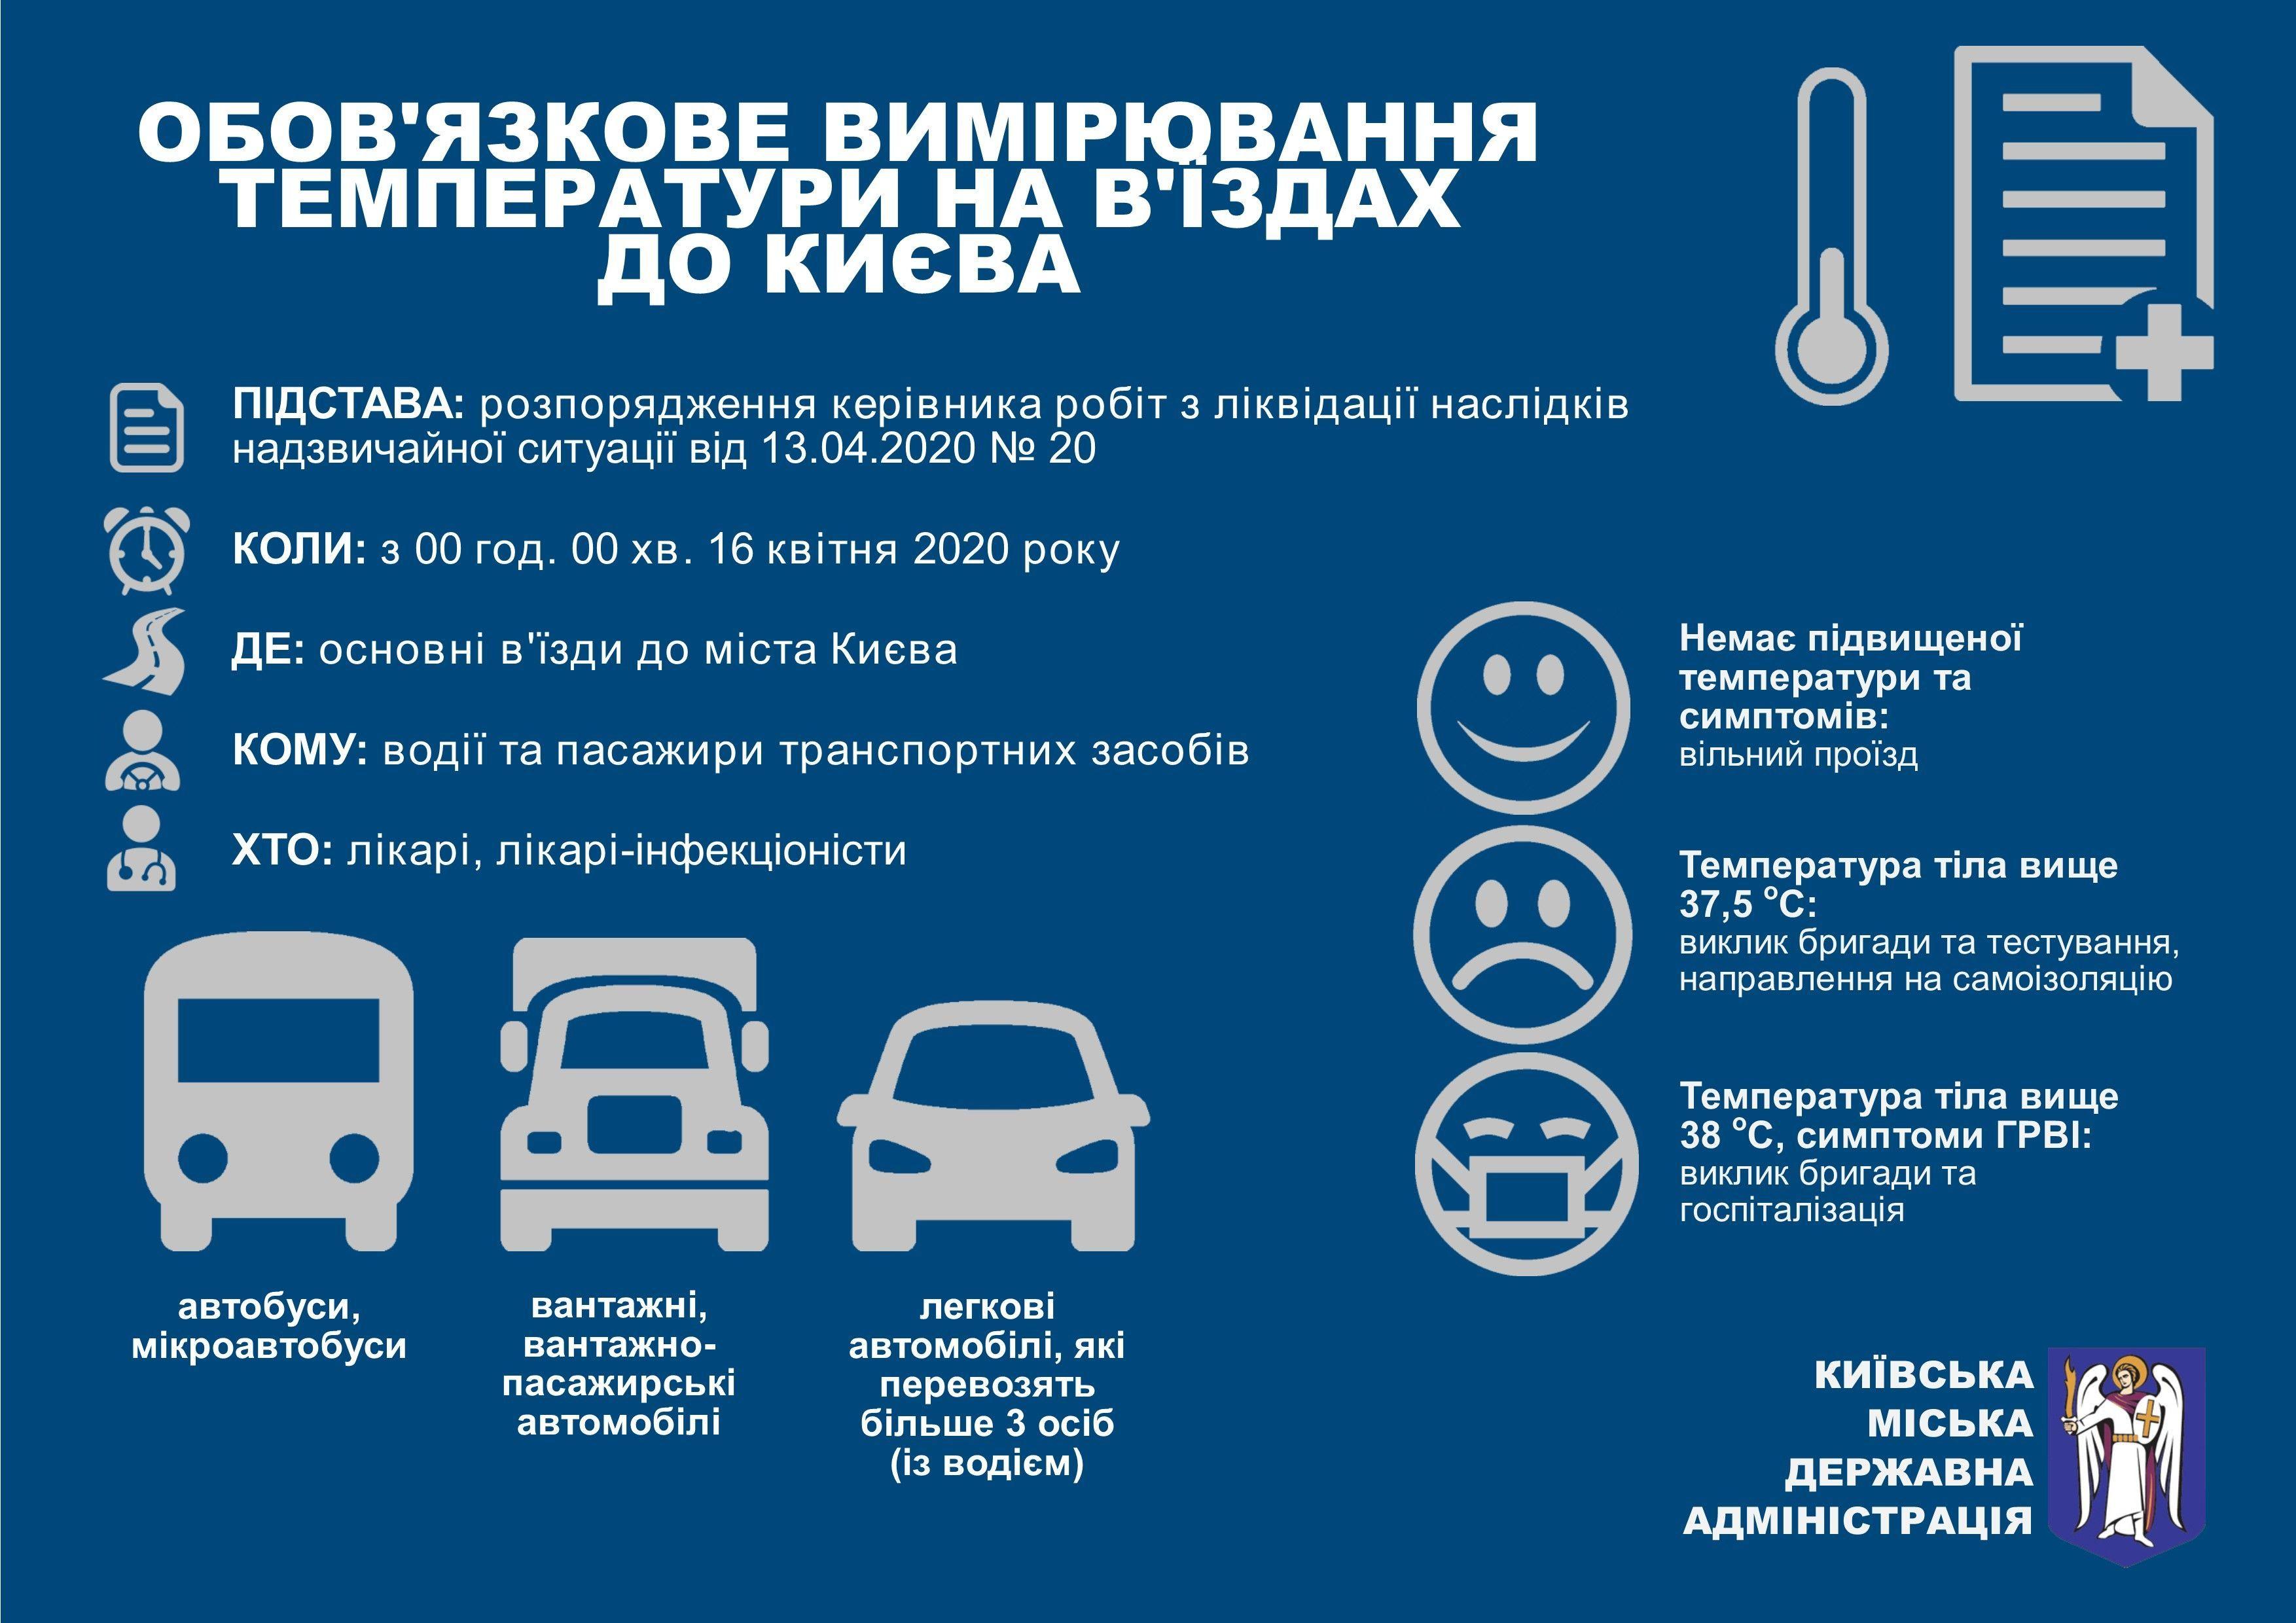 температурний скриніг у Києві